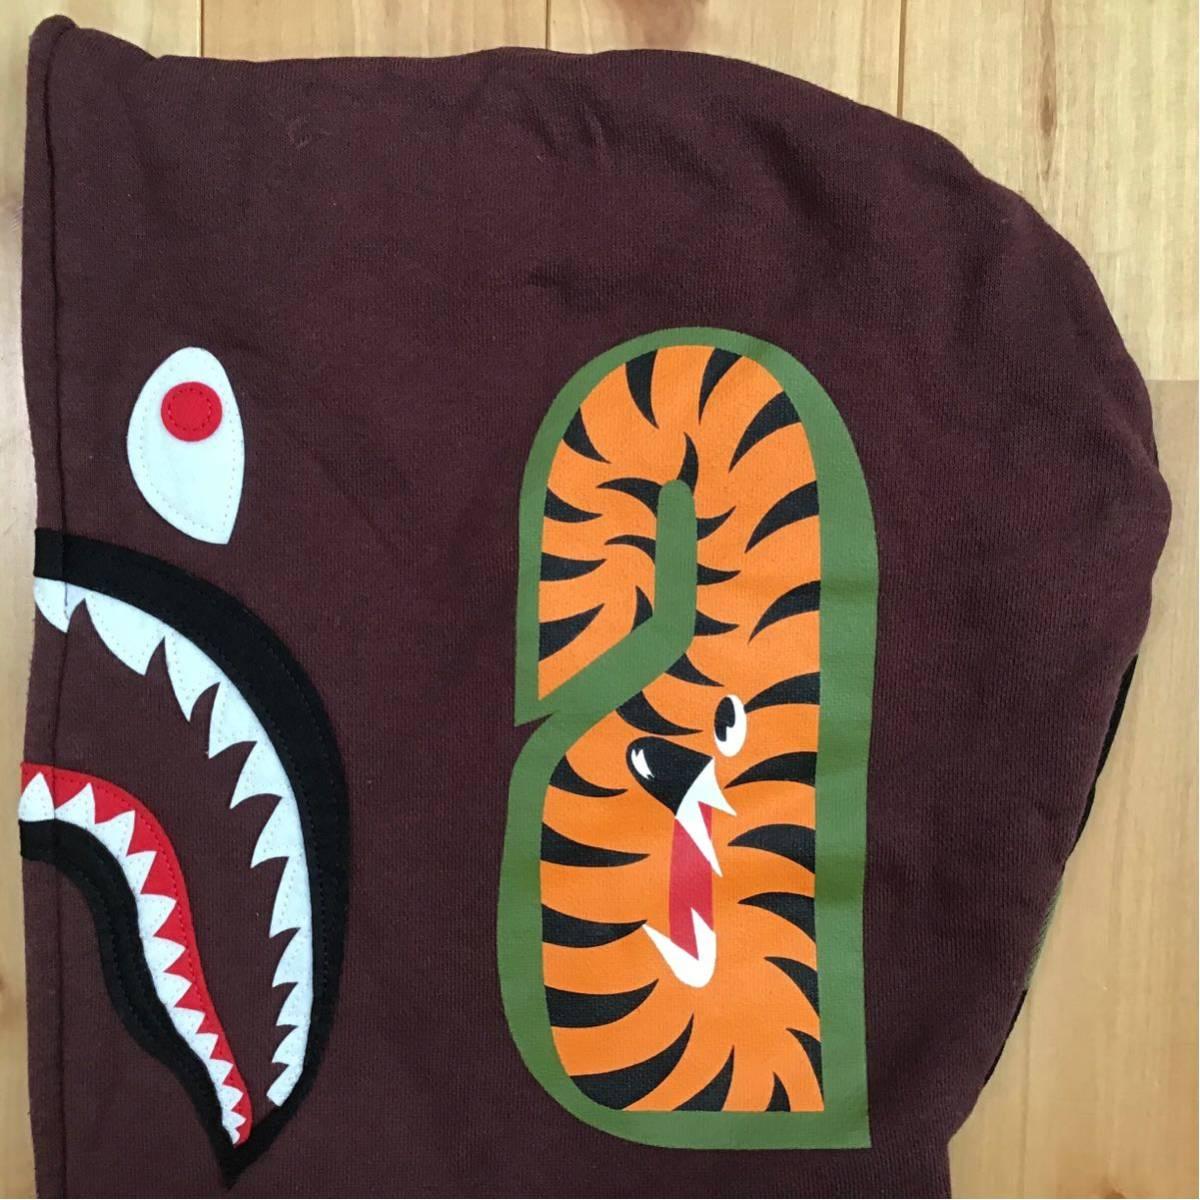 中綿キルティング シャーク パーカー Sサイズ Burgundy 1st camo shark full zip hoodie a bathing ape bape camo エイプ ベイプ WGM